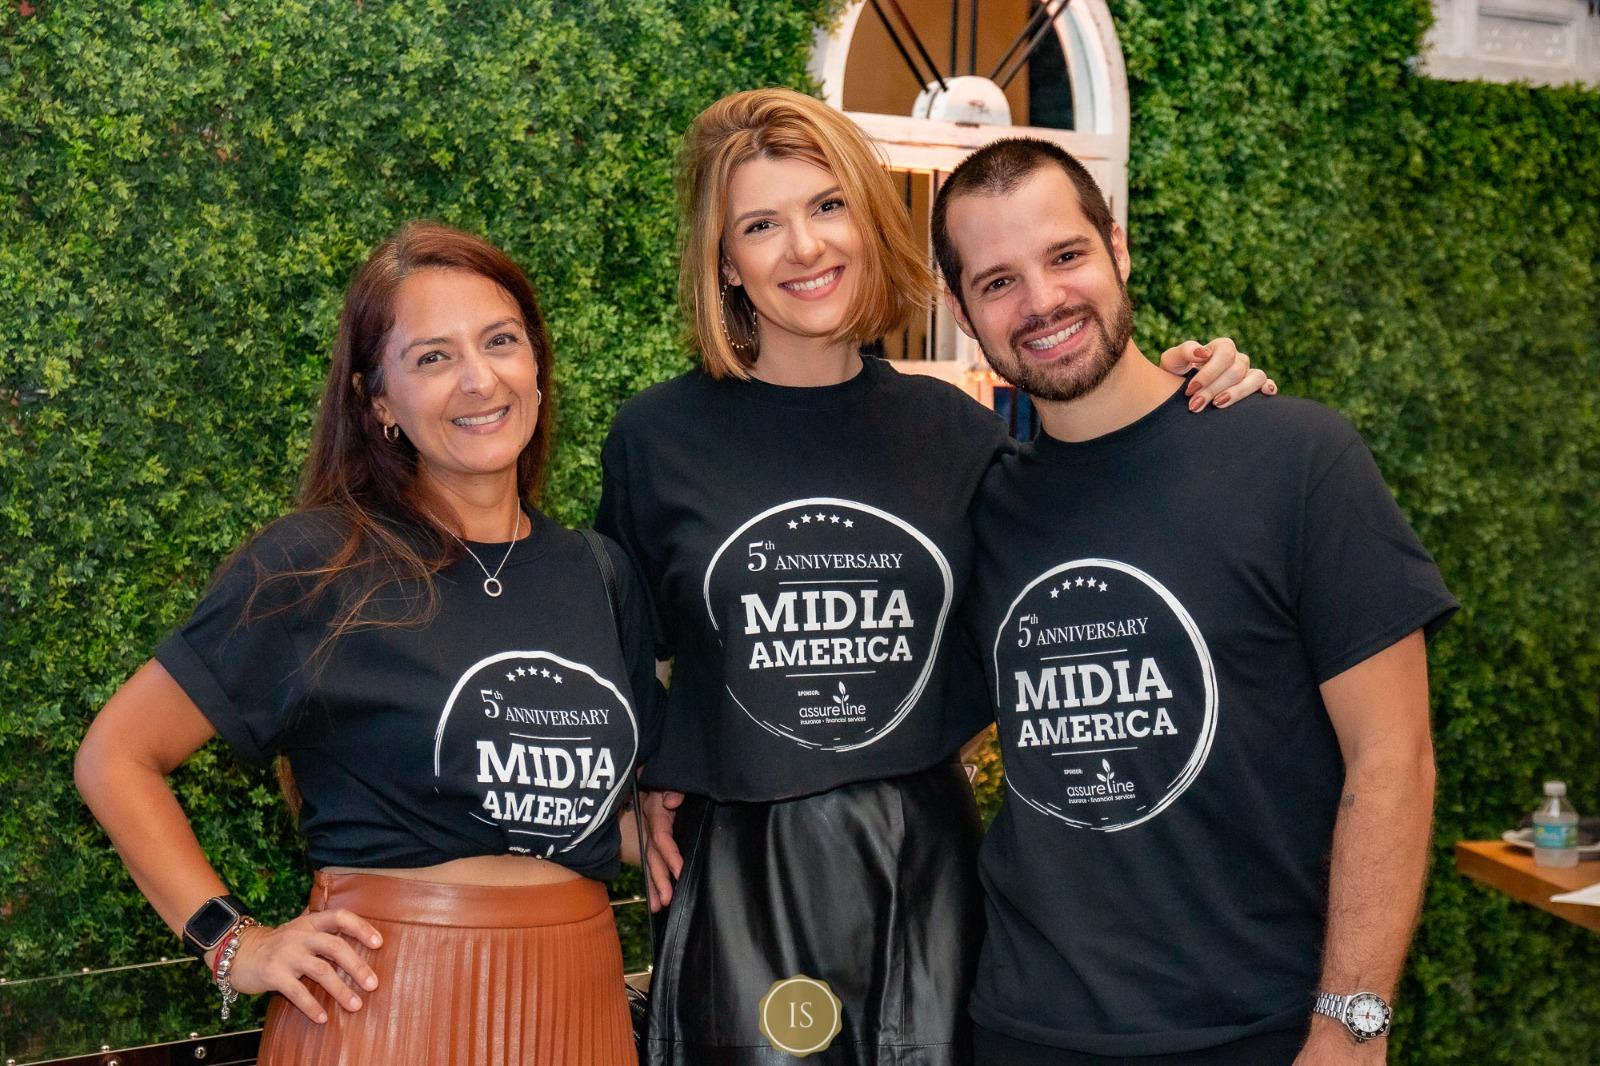 Noite de confraternização entre mídias celebra os 5 anos do 'Grupo Mídia América'